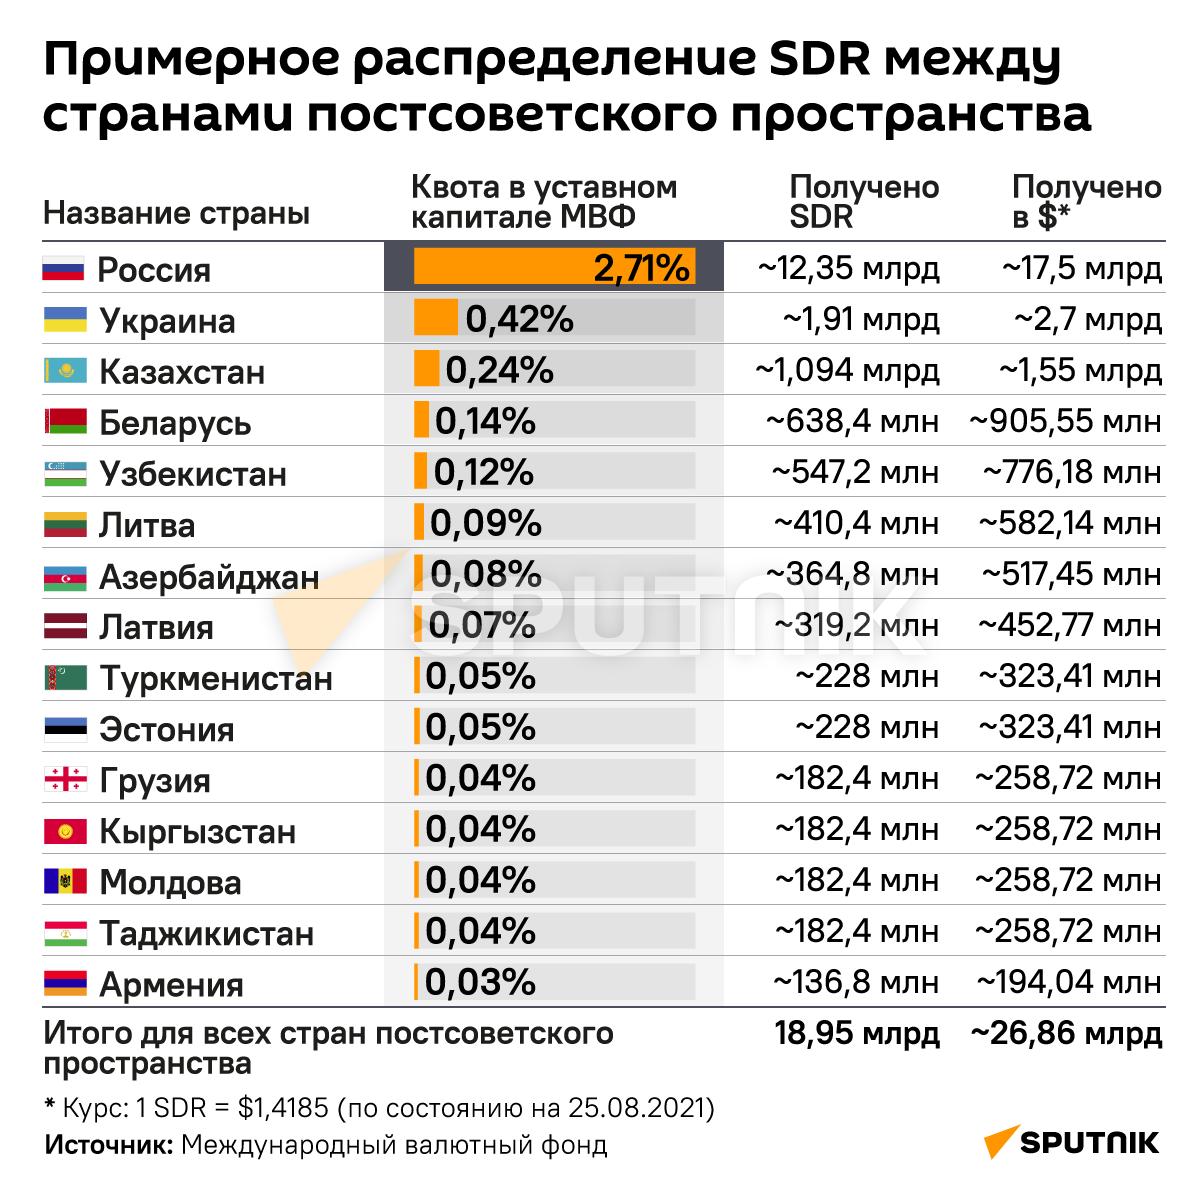 Как МВФ помогает Грузии и другим постсоветским странам - Sputnik Грузия